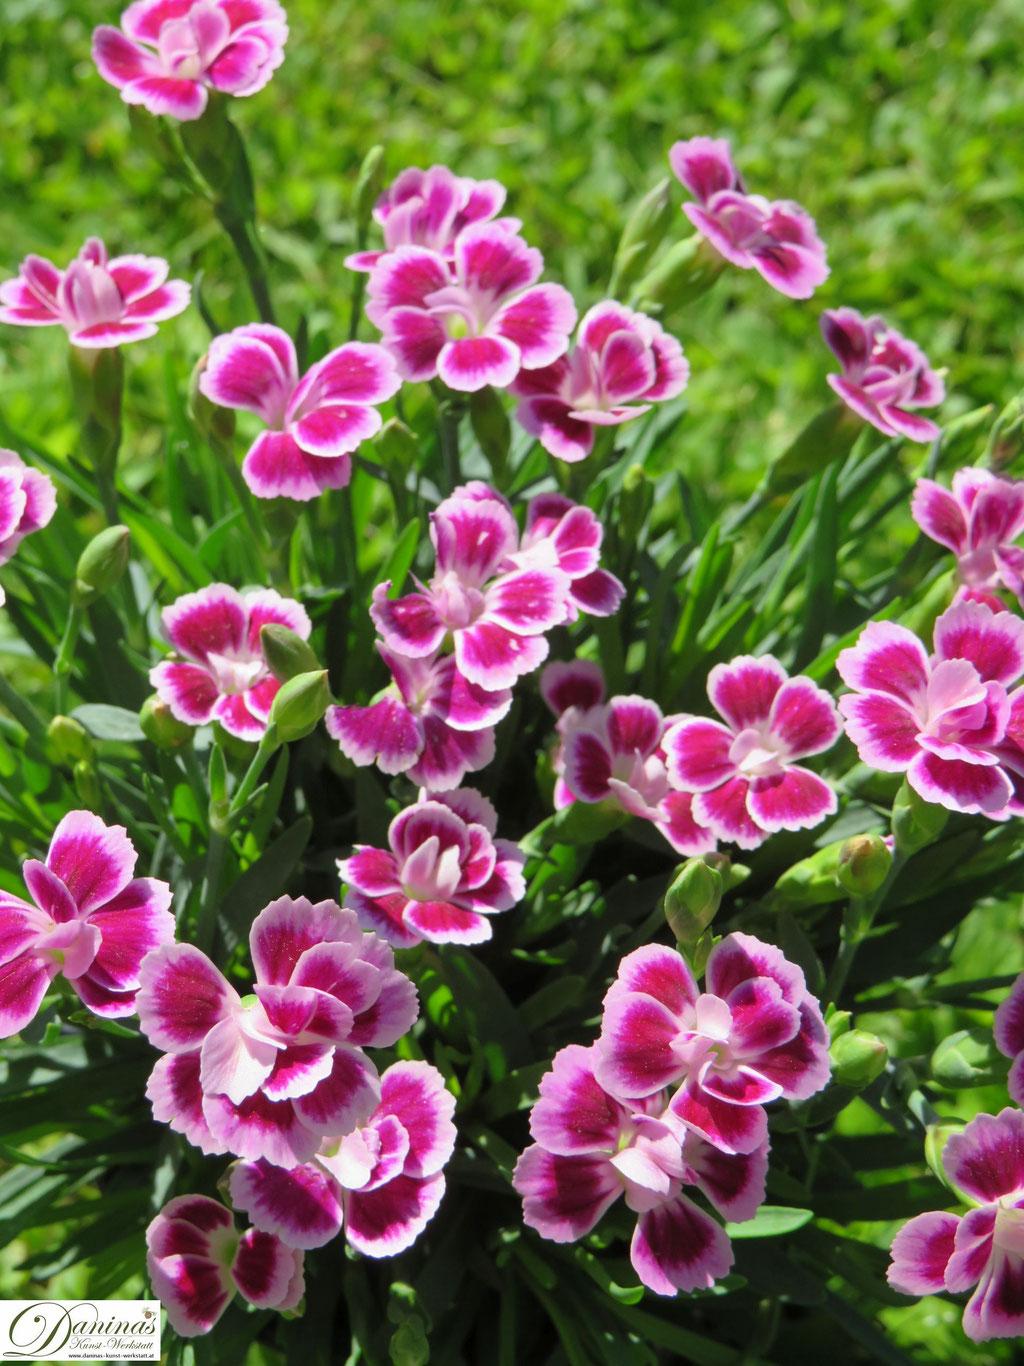 Rosa blühende Nelken im Garten